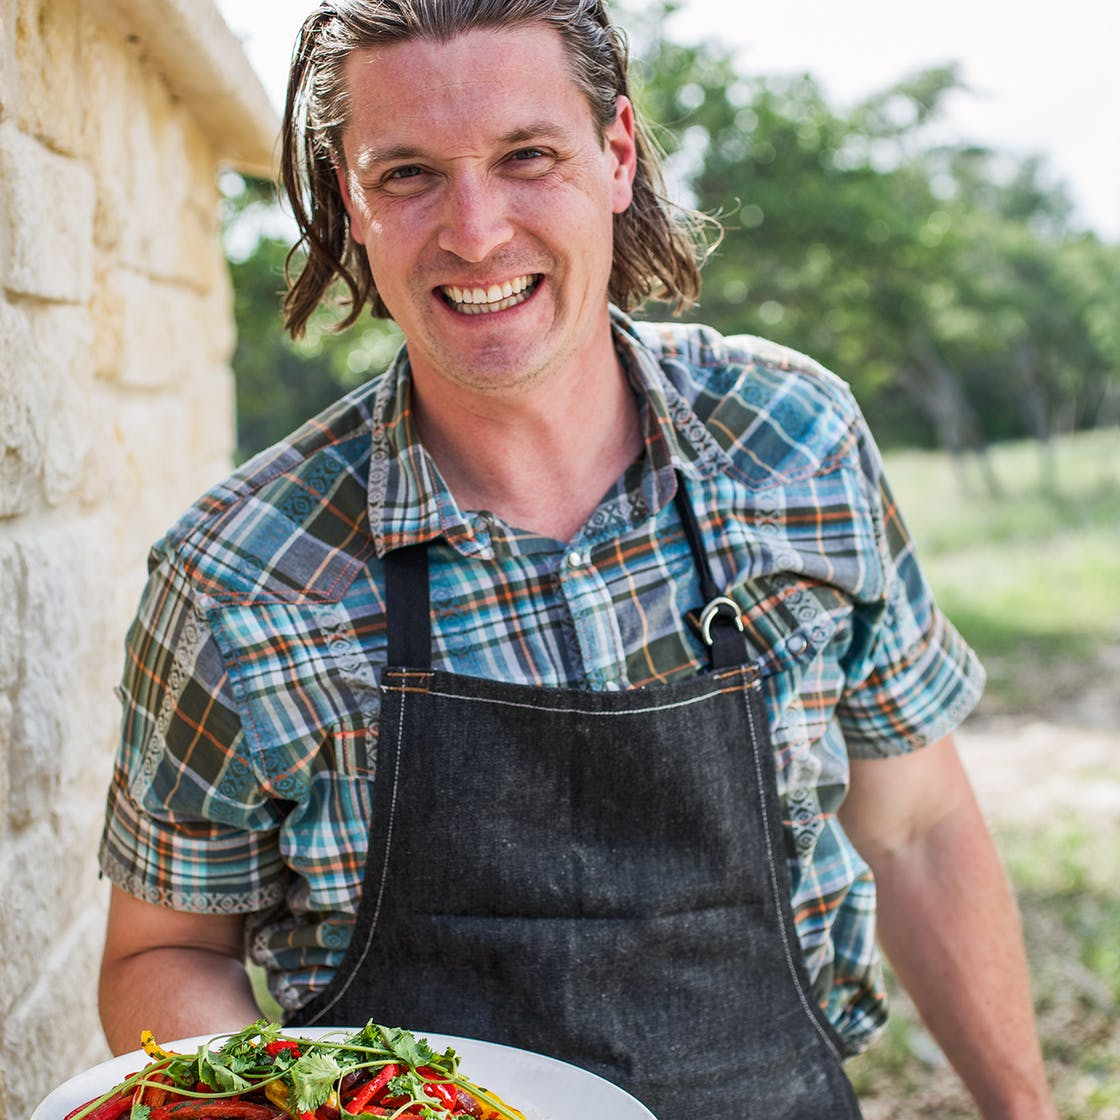 Chef Jason Dady.